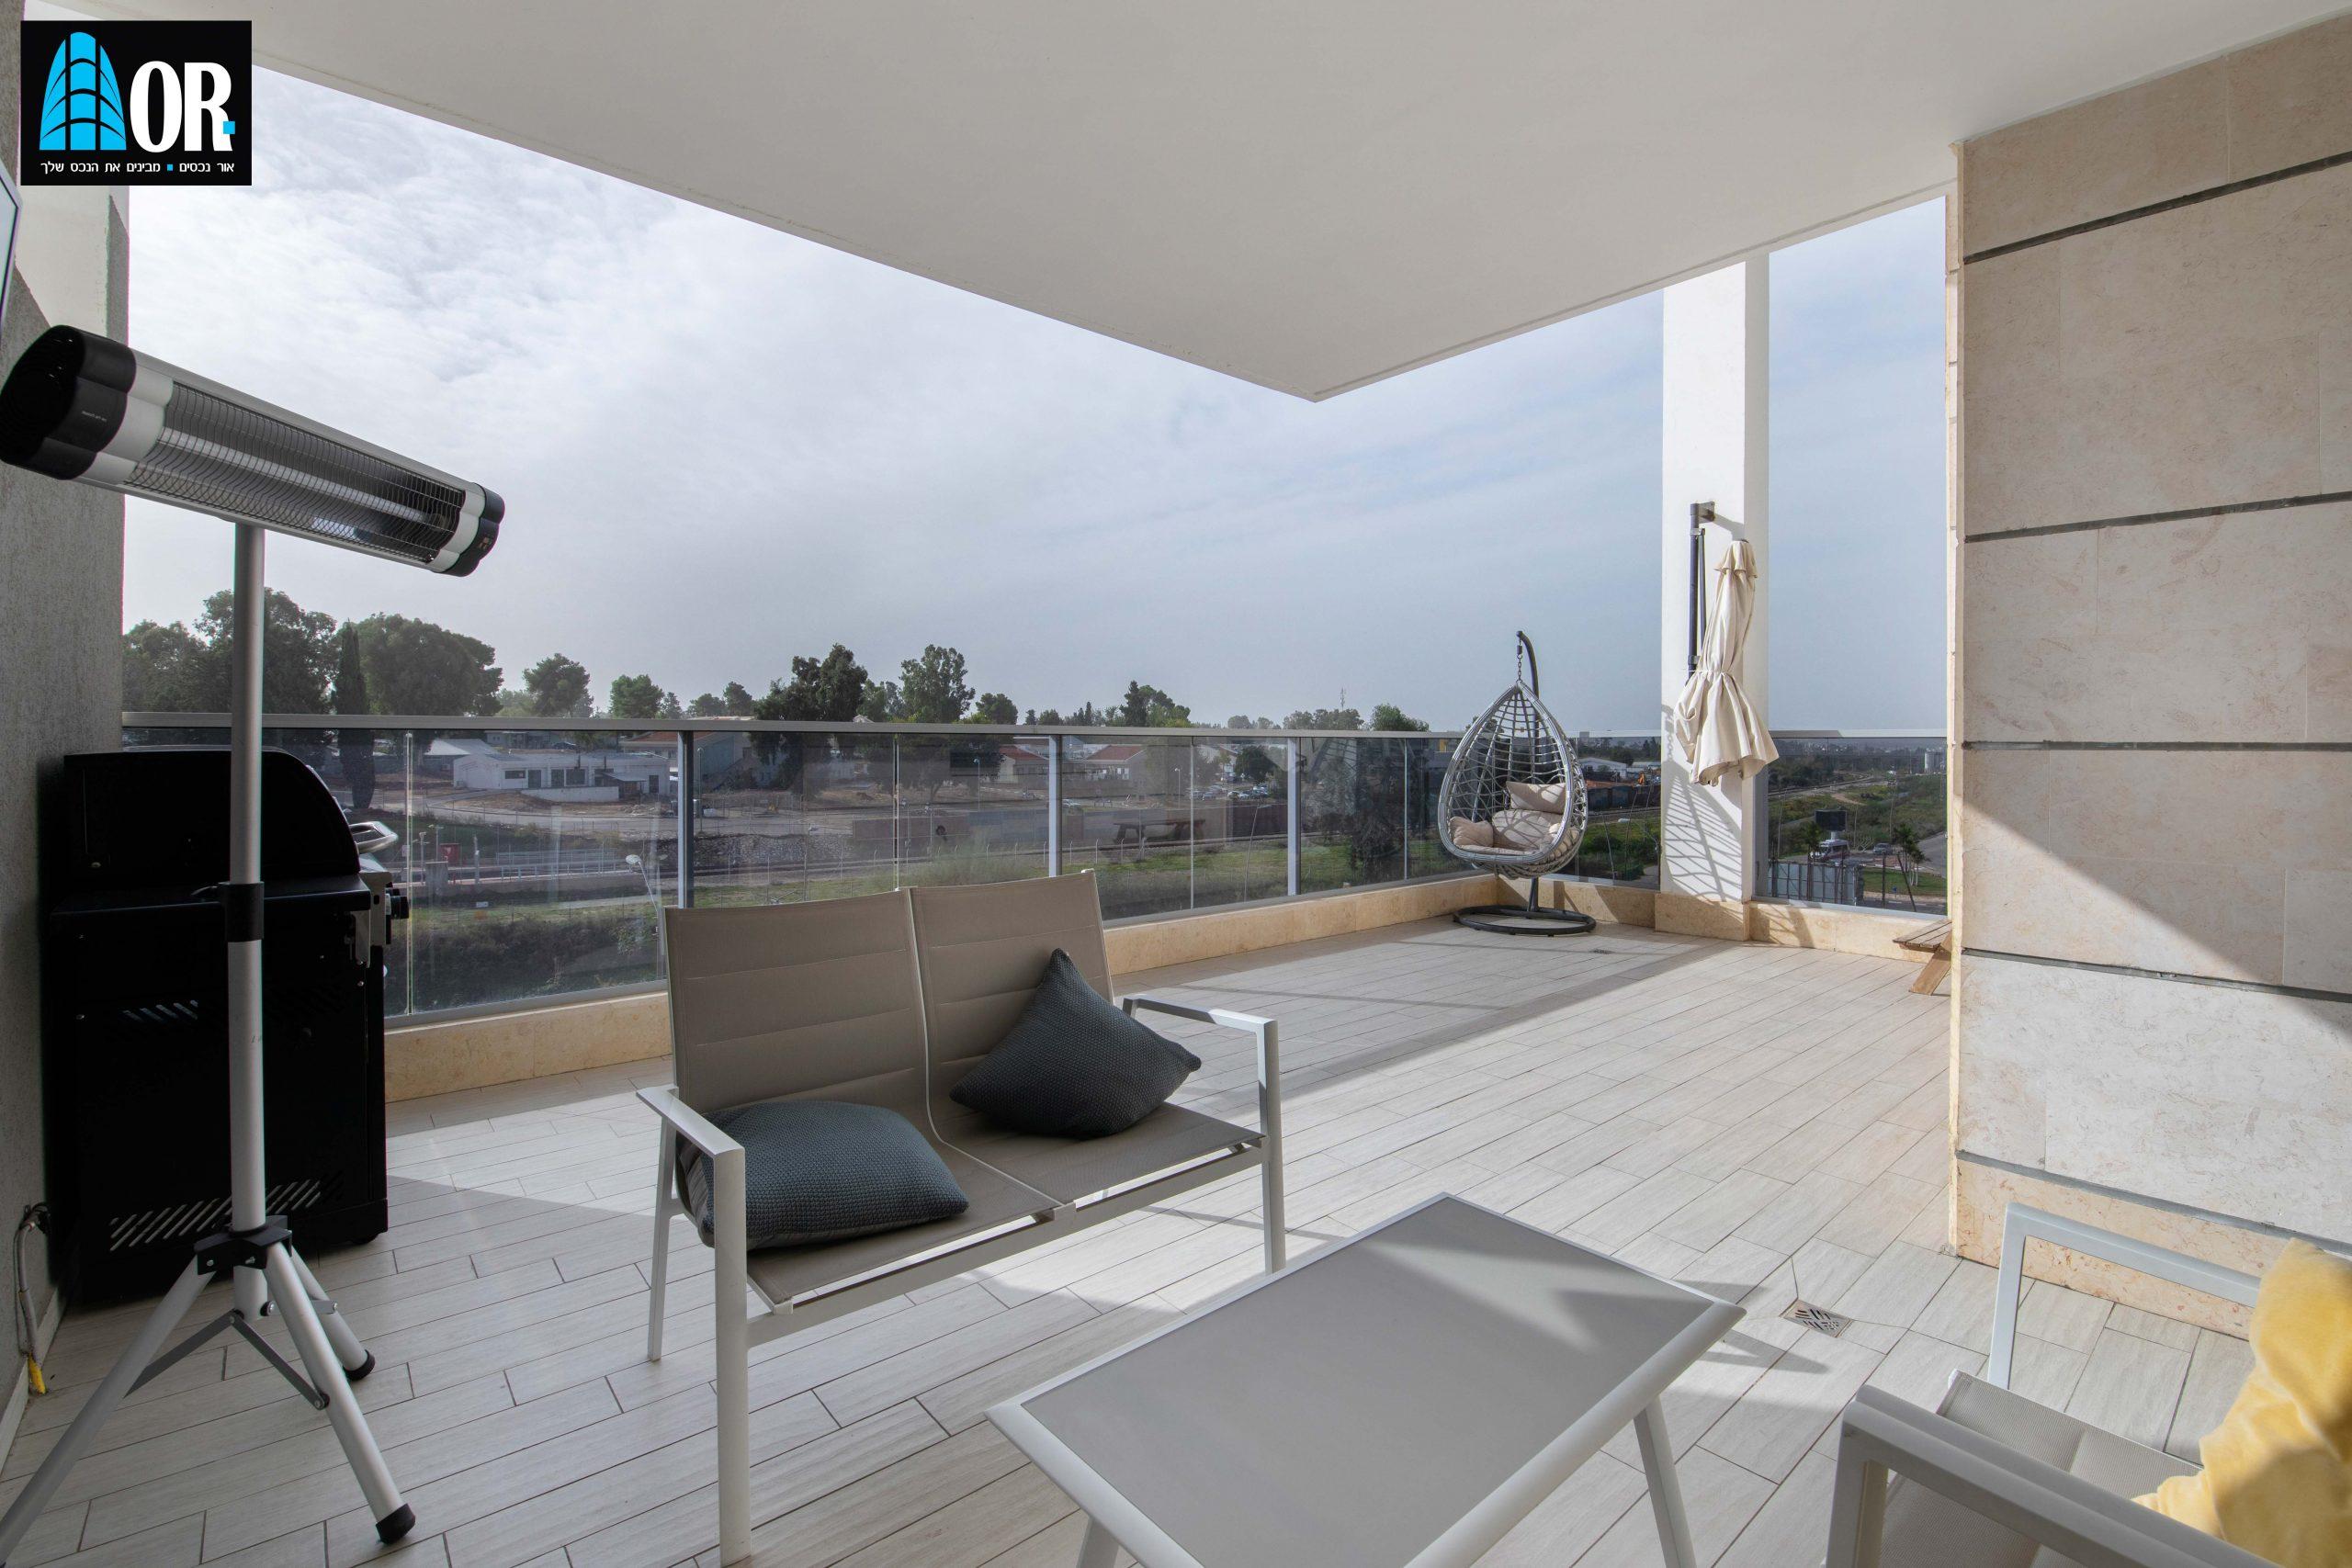 מרפסת דירה 4 חדרים שכונה צמרות